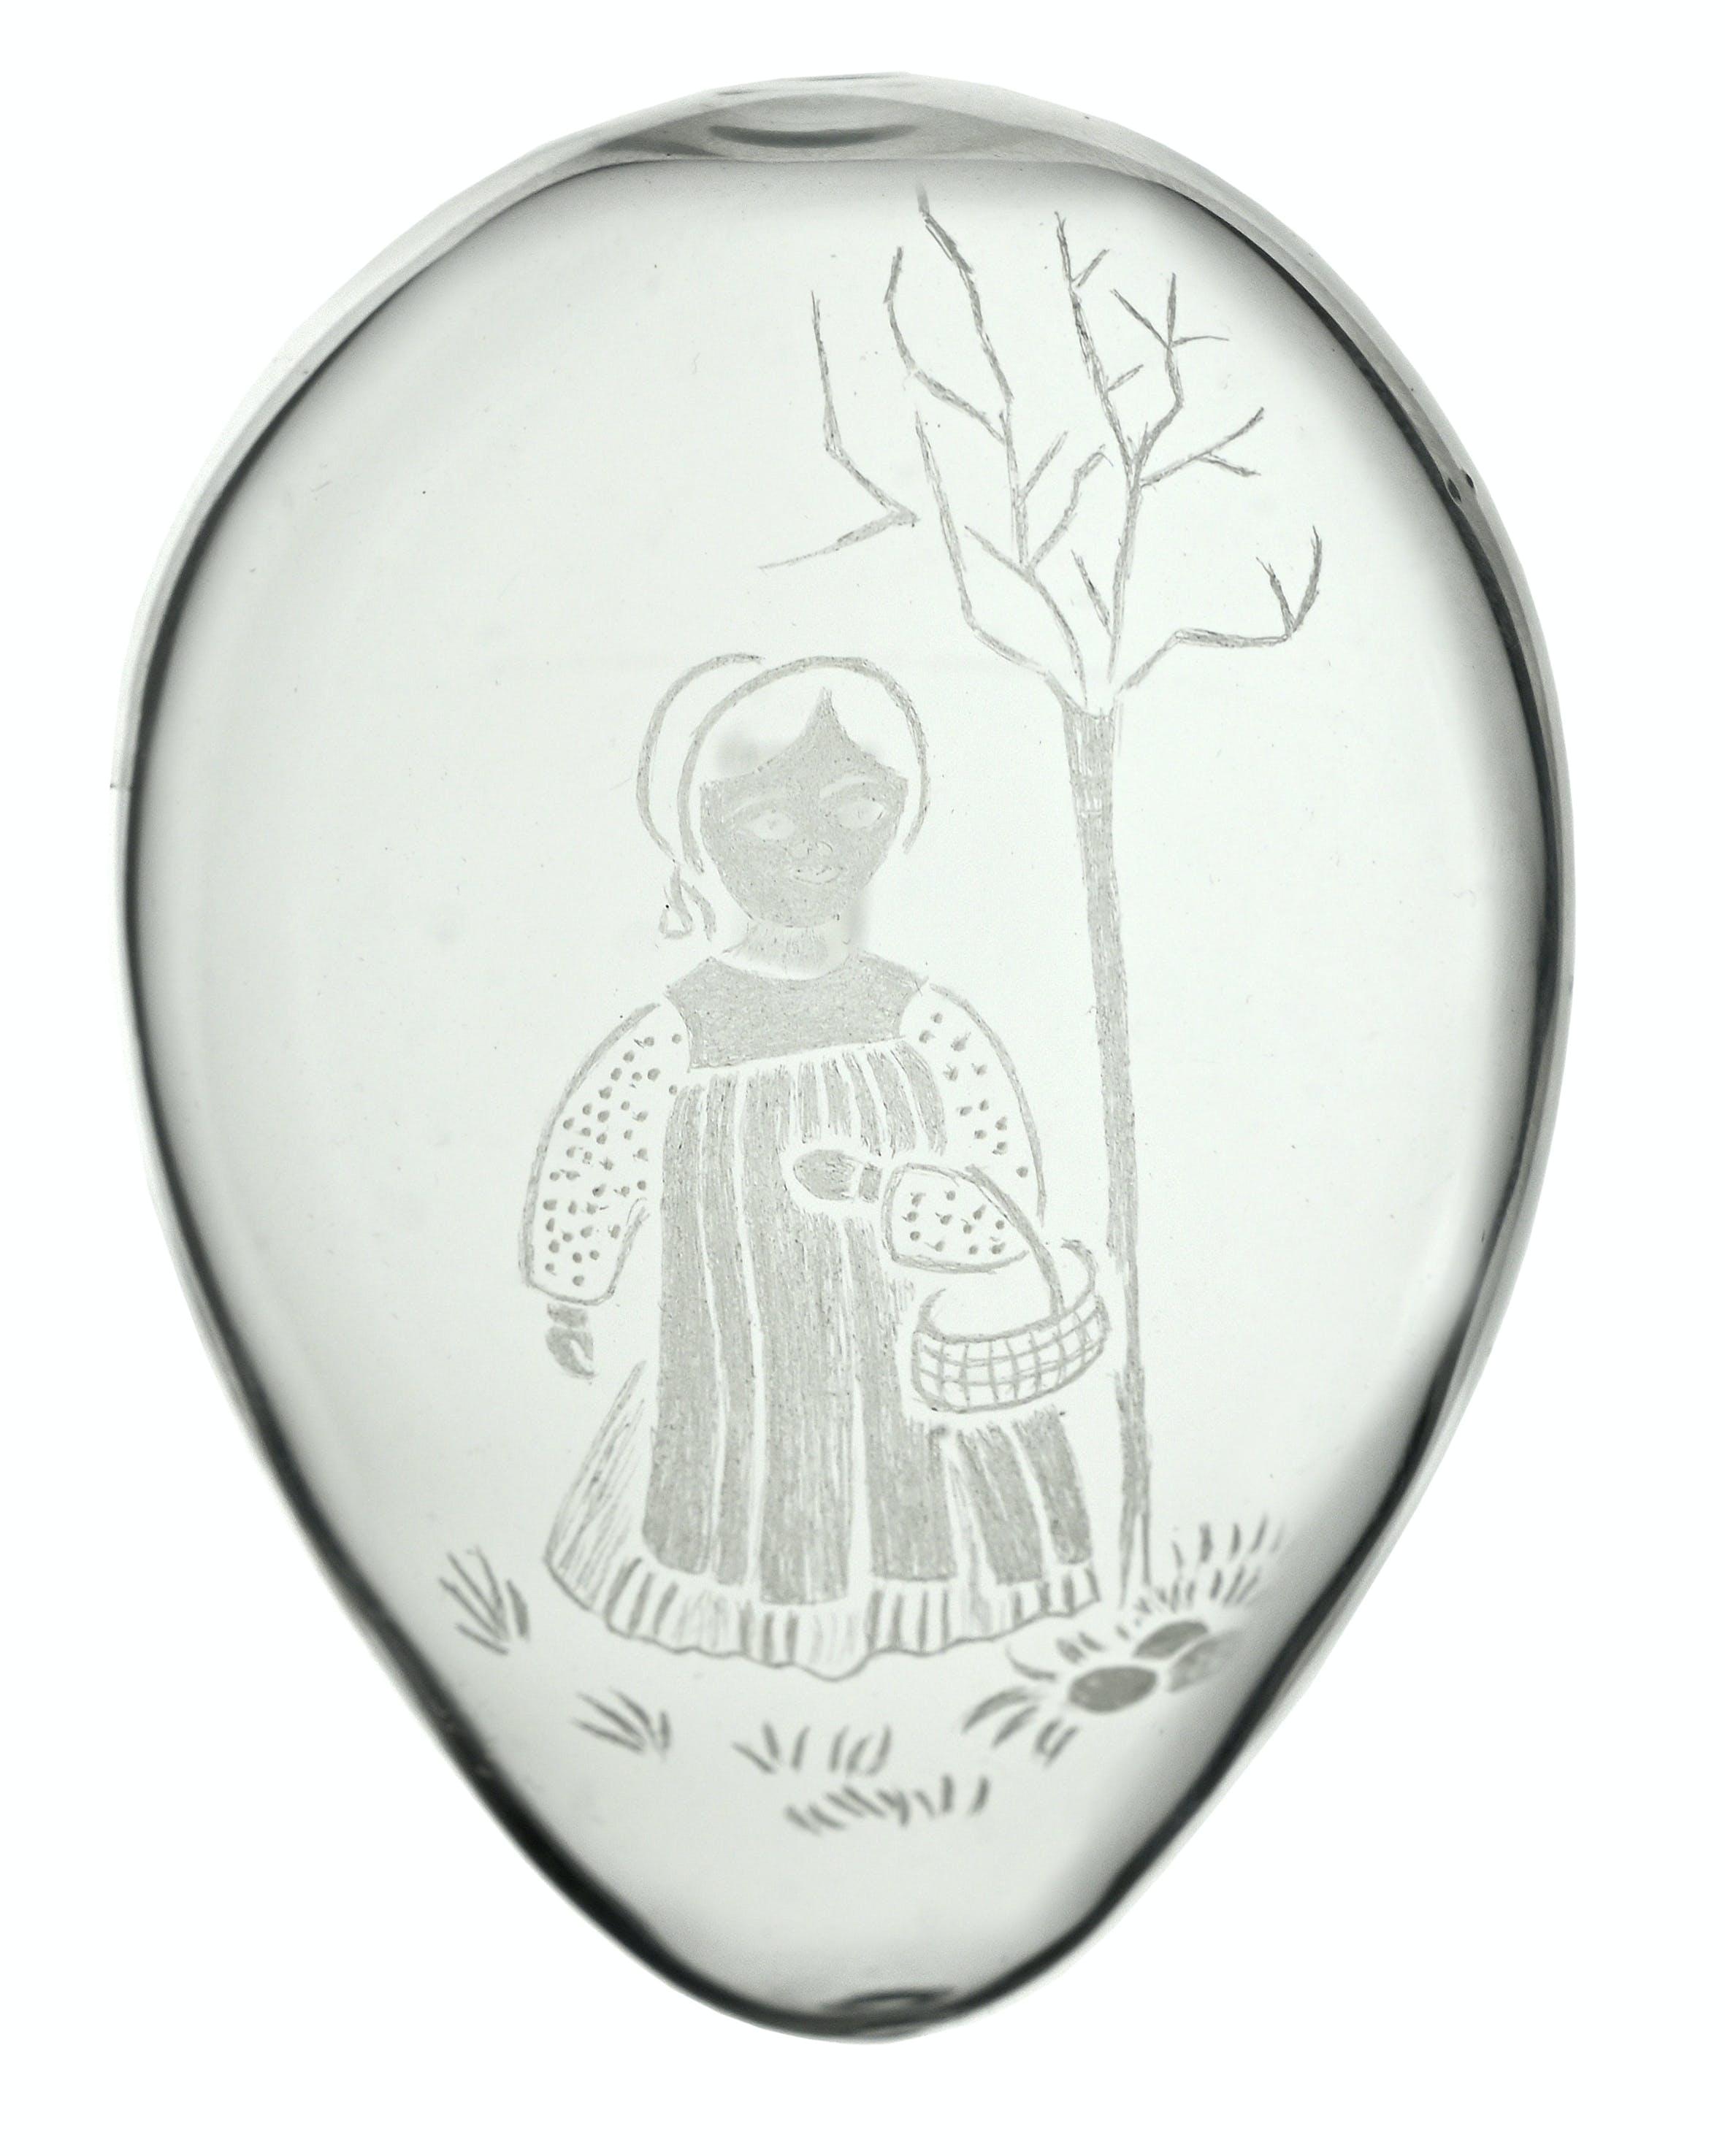 Glasei, mundgeblasen, Rotkäppchen-Motiv in Diamantschliff, Maria Klotz-Schelbert, Schweiz, keine Angabe zur Datierung.